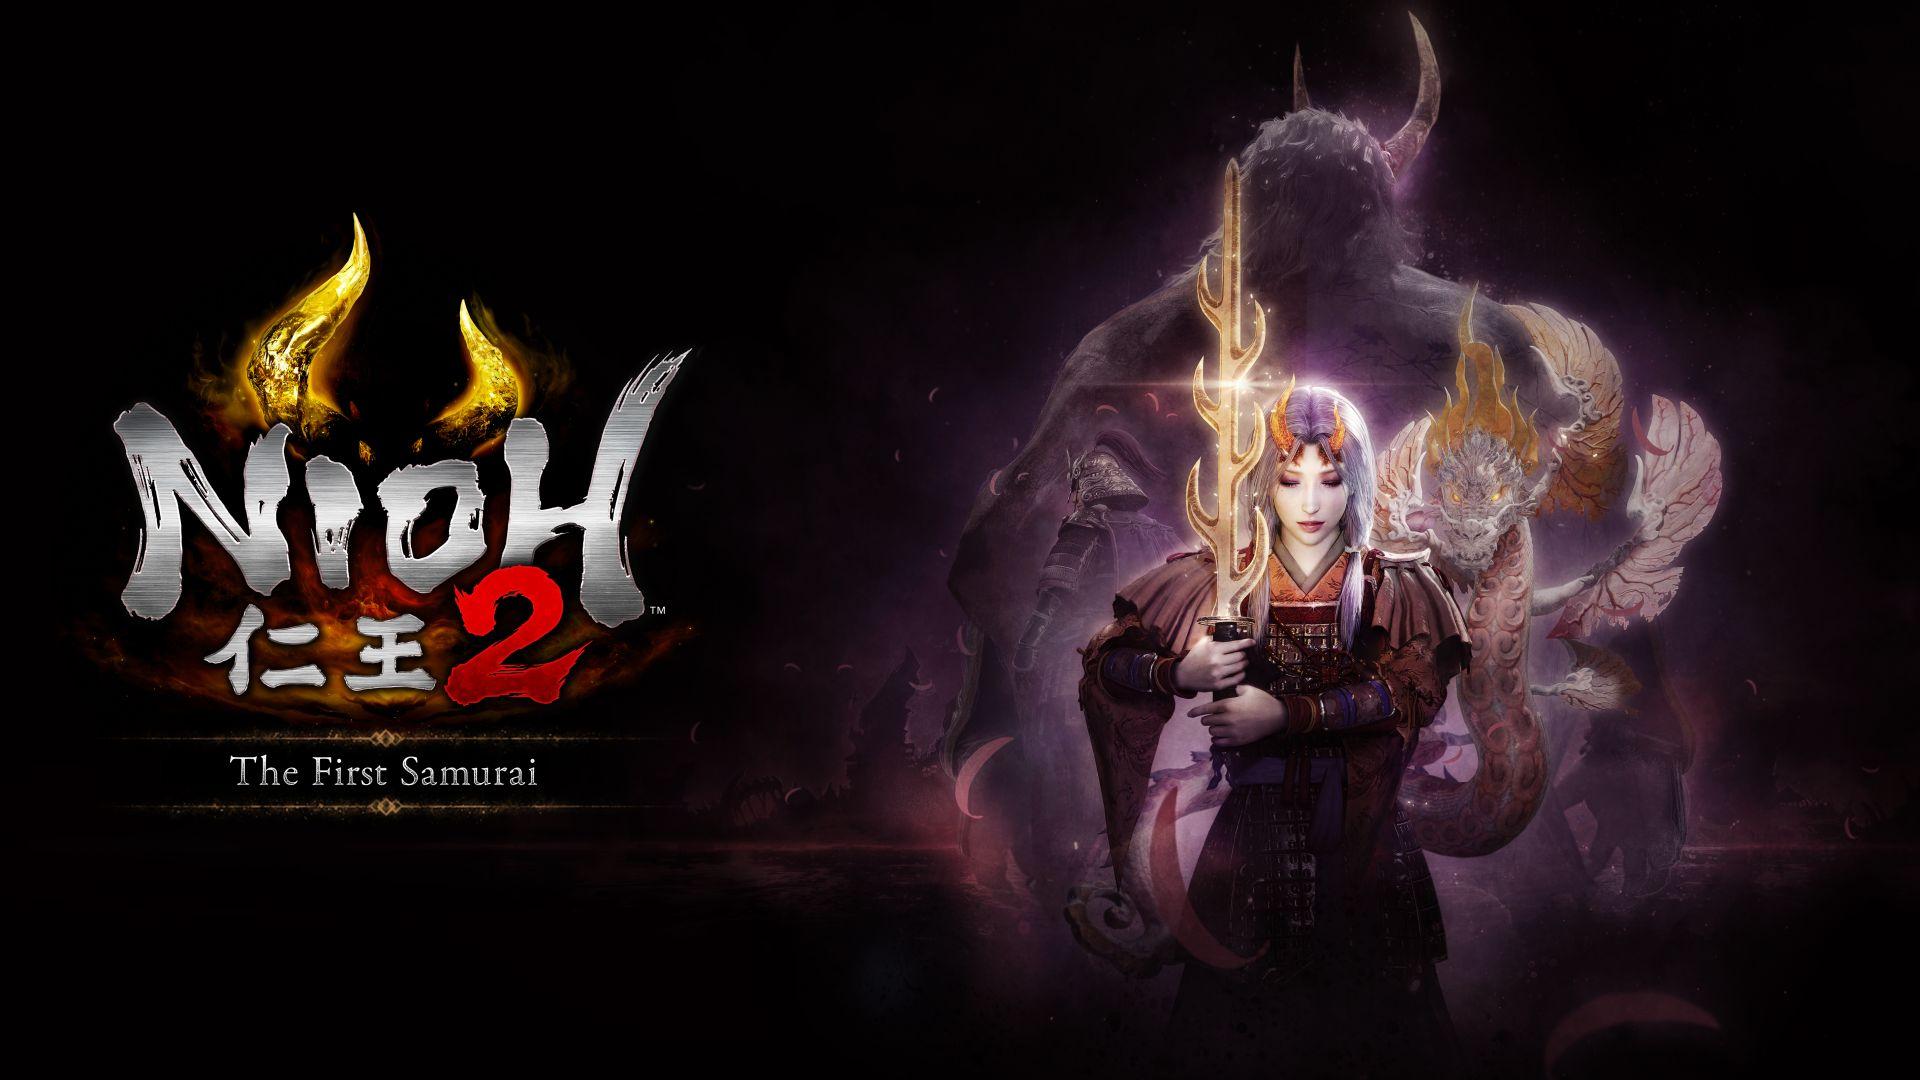 Nioh 2 The First Samurai DLC logo